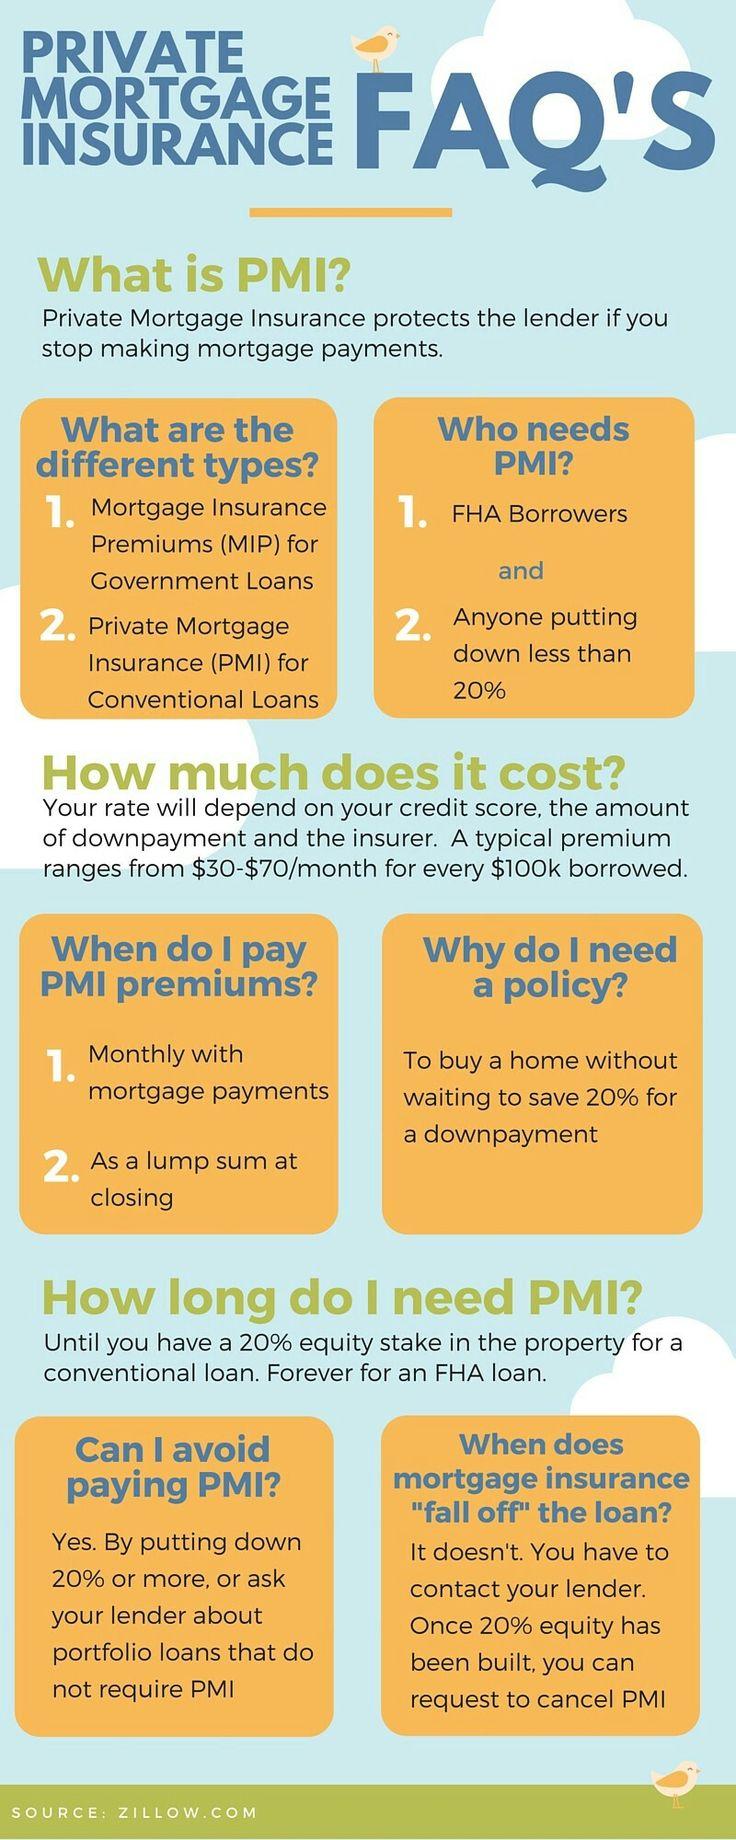 Private Mortgage Insurance (PMI) FAQs